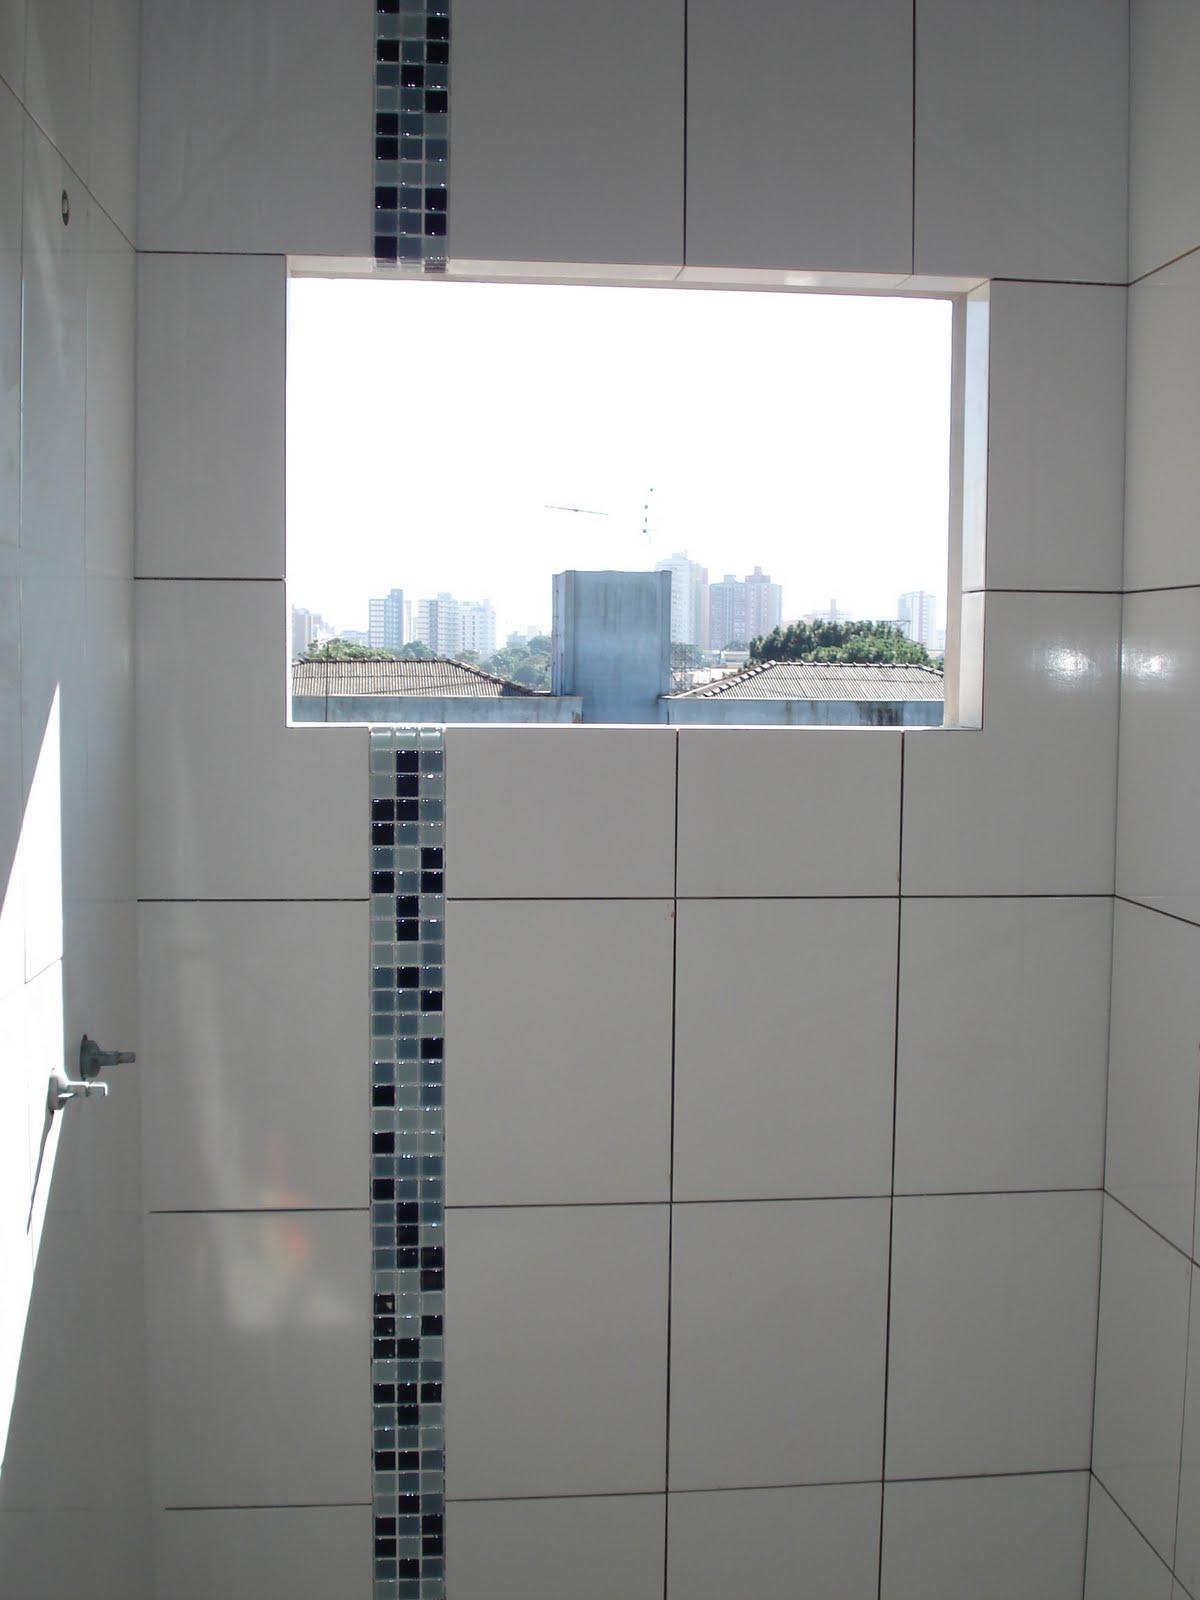 Pisos para Banheiro Simples Cerâmica e Modelos Construdeia #4F687C 1200 1600